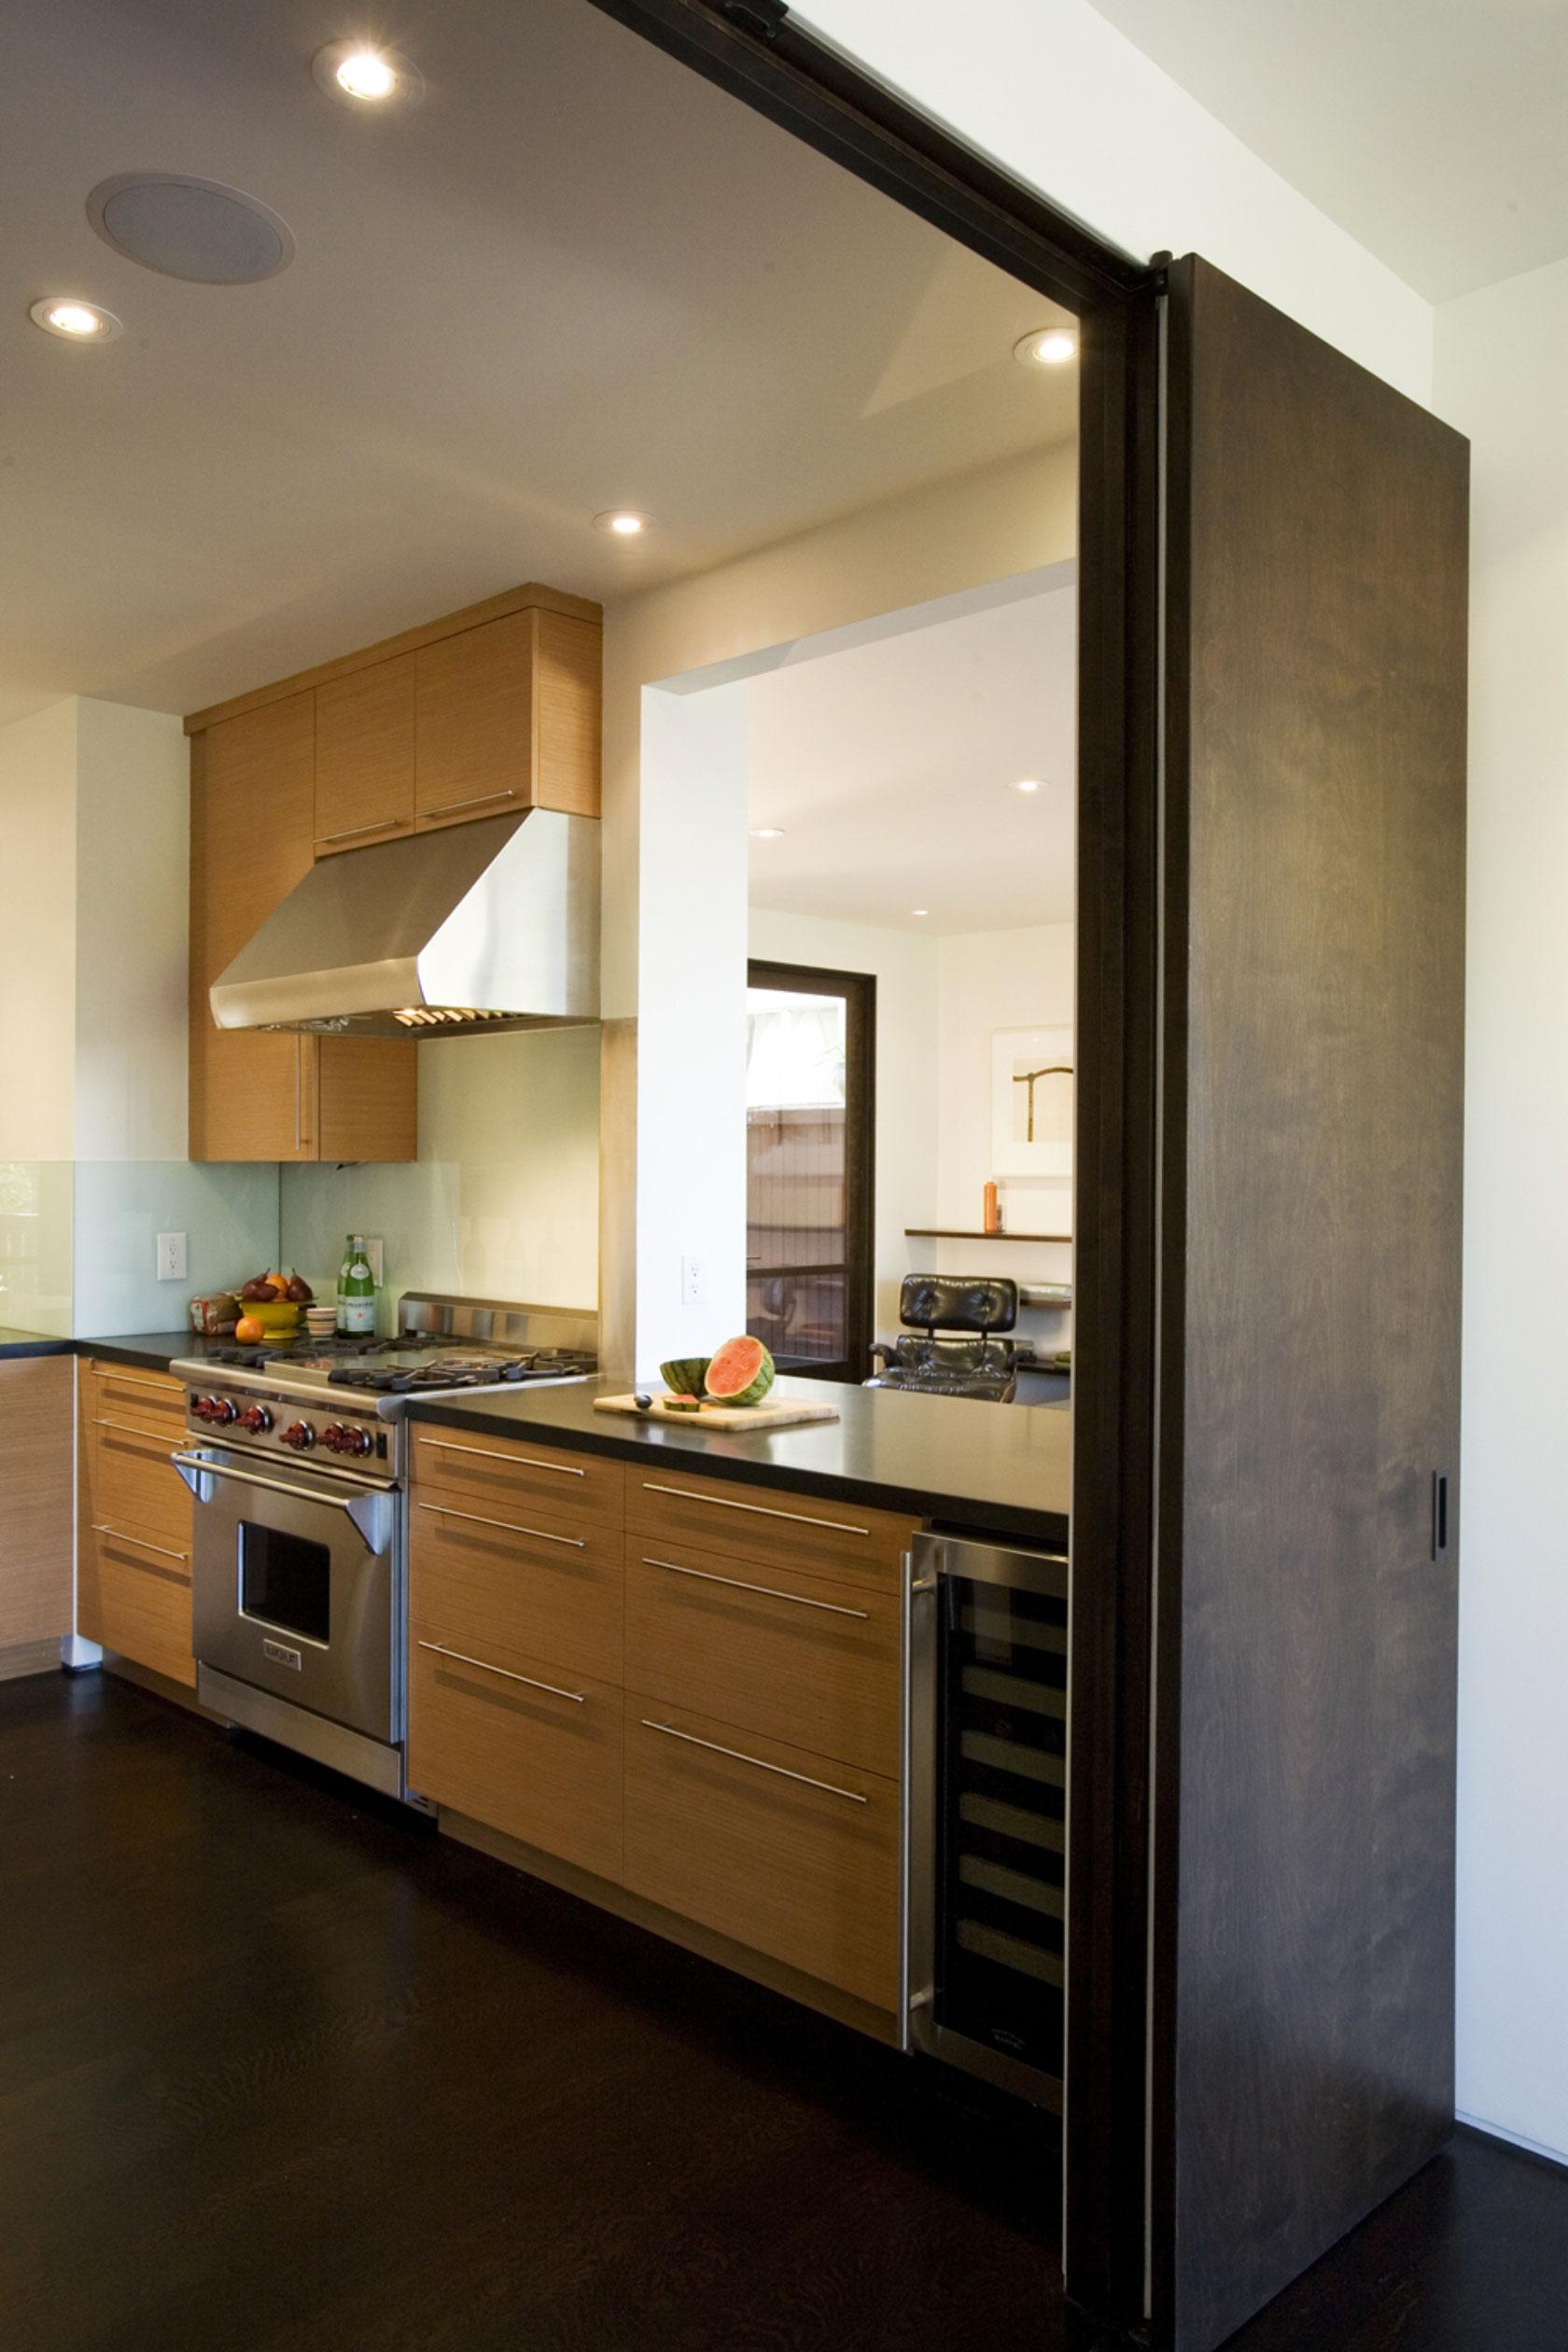 Деревянный кухонный гарнитур - Фото 15